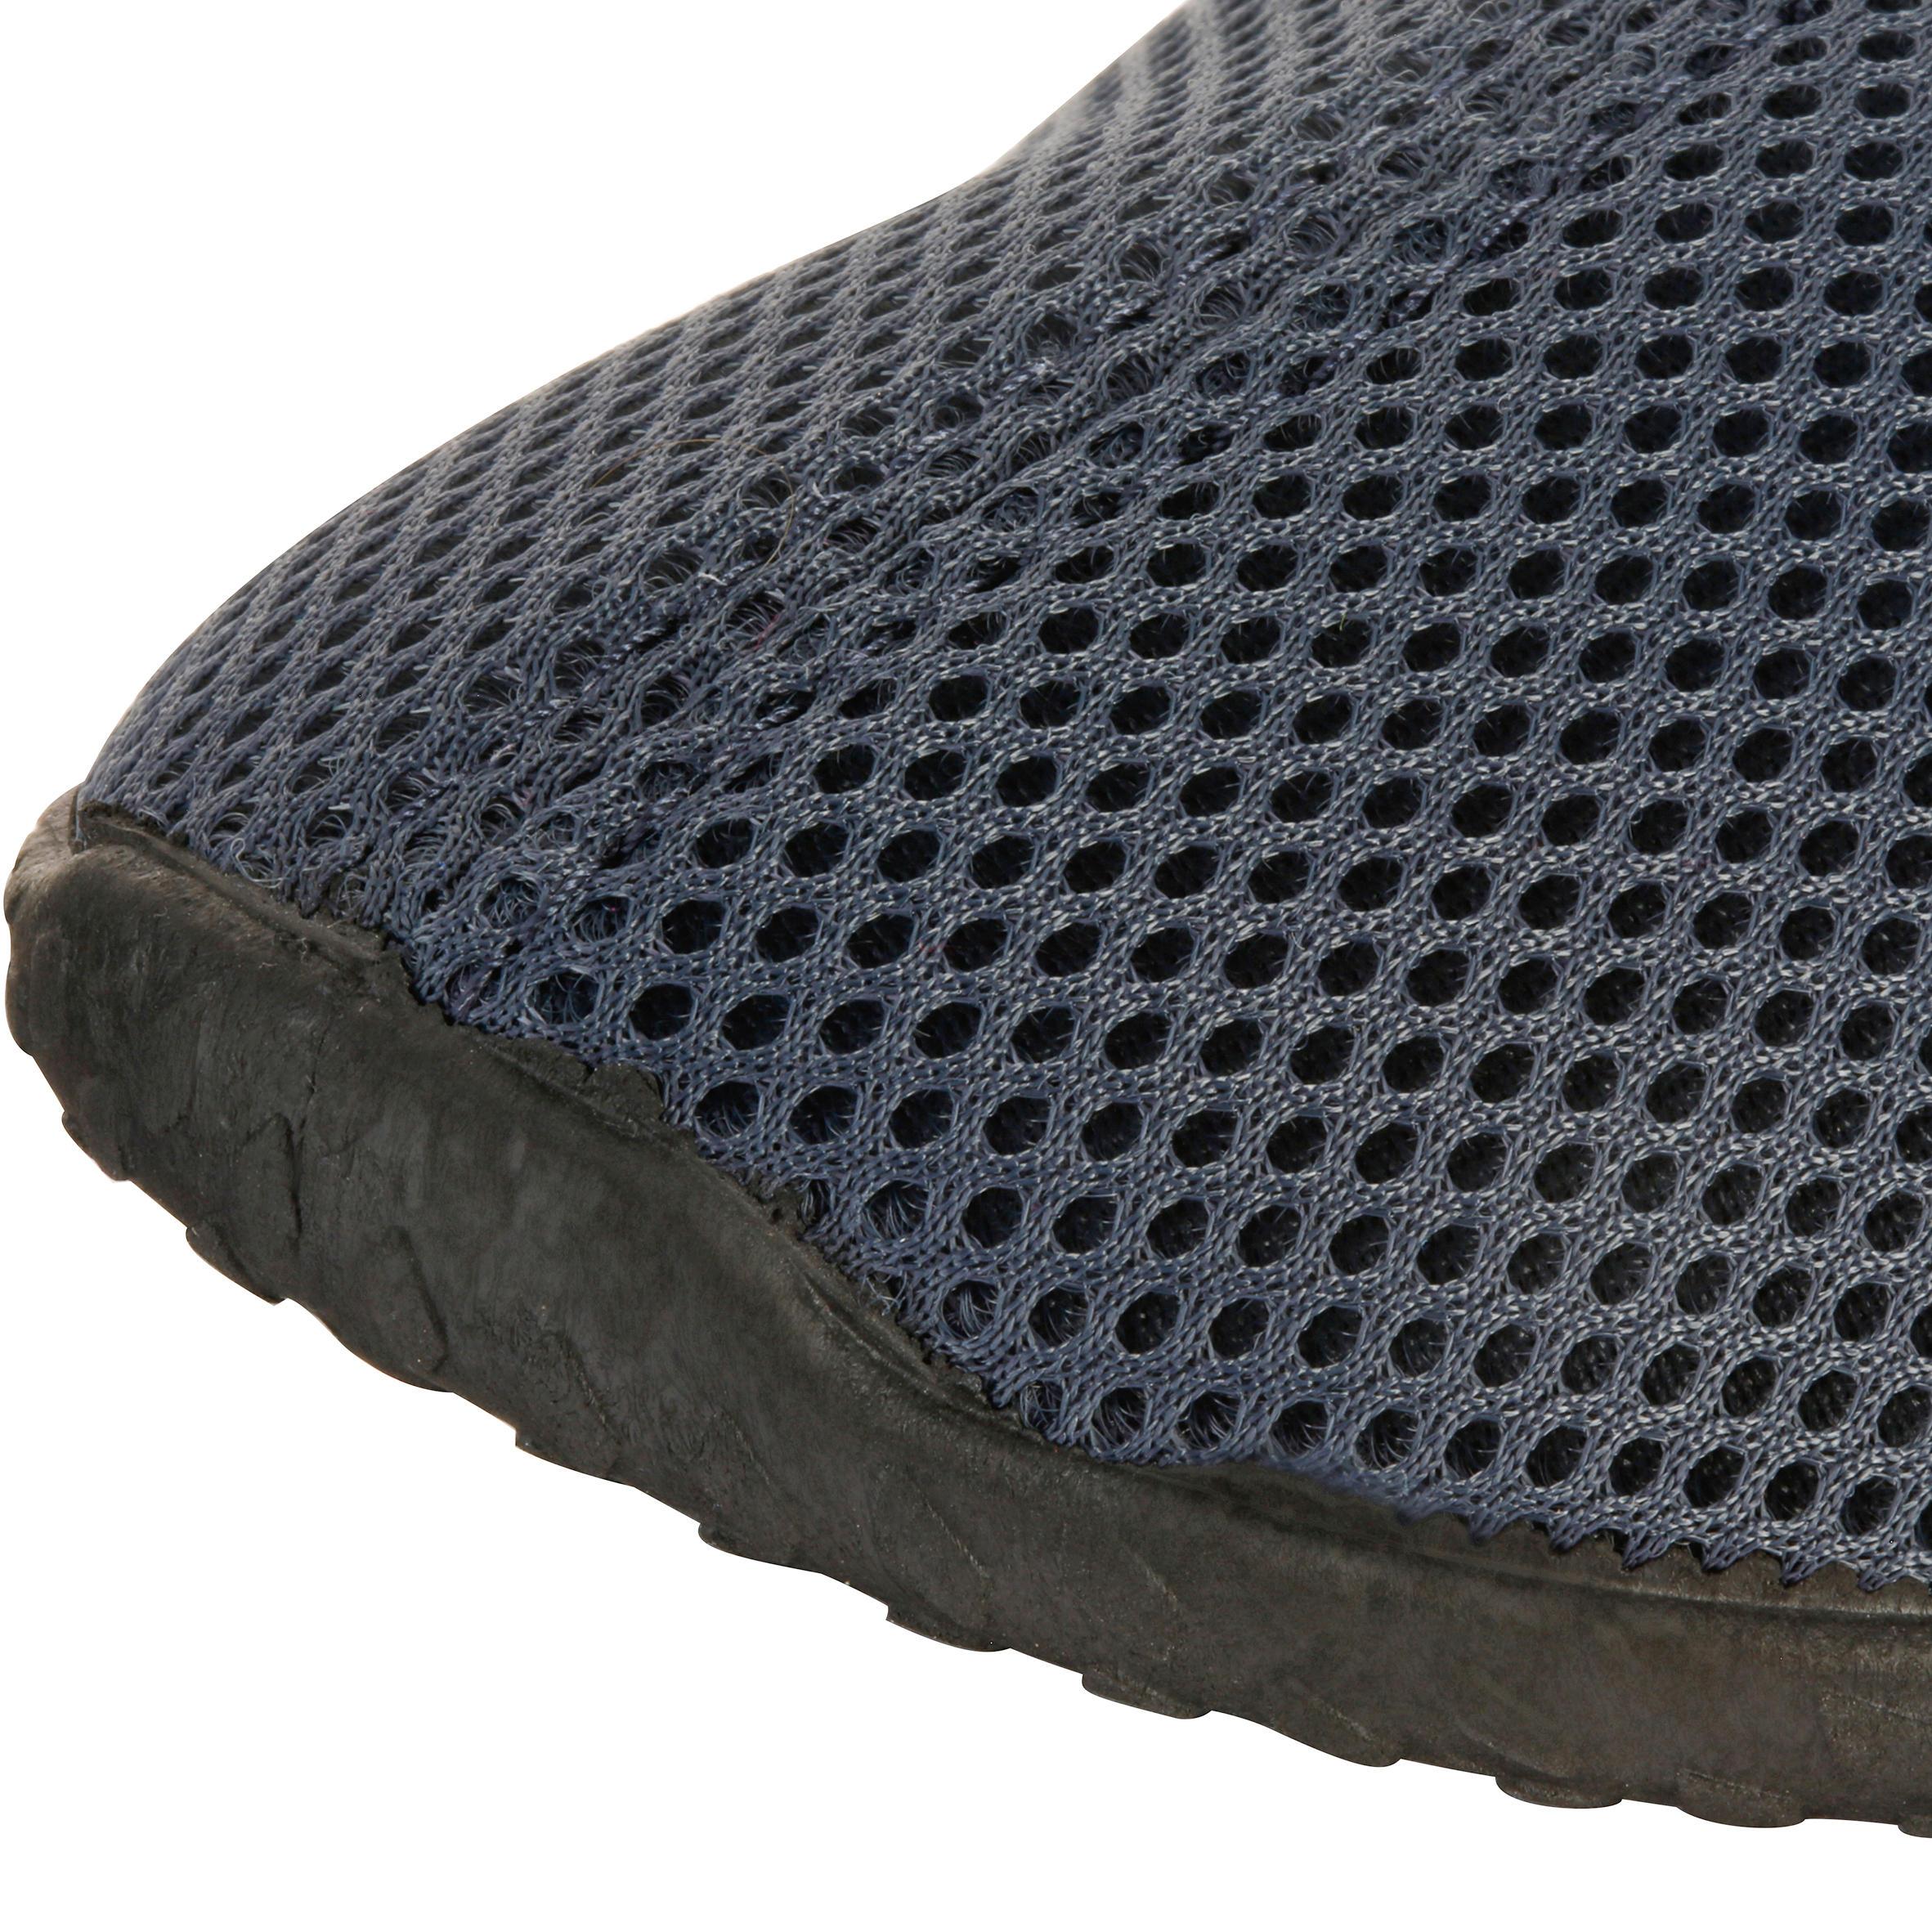 Chaussures aquatiques Aquashoes 50 gris foncé